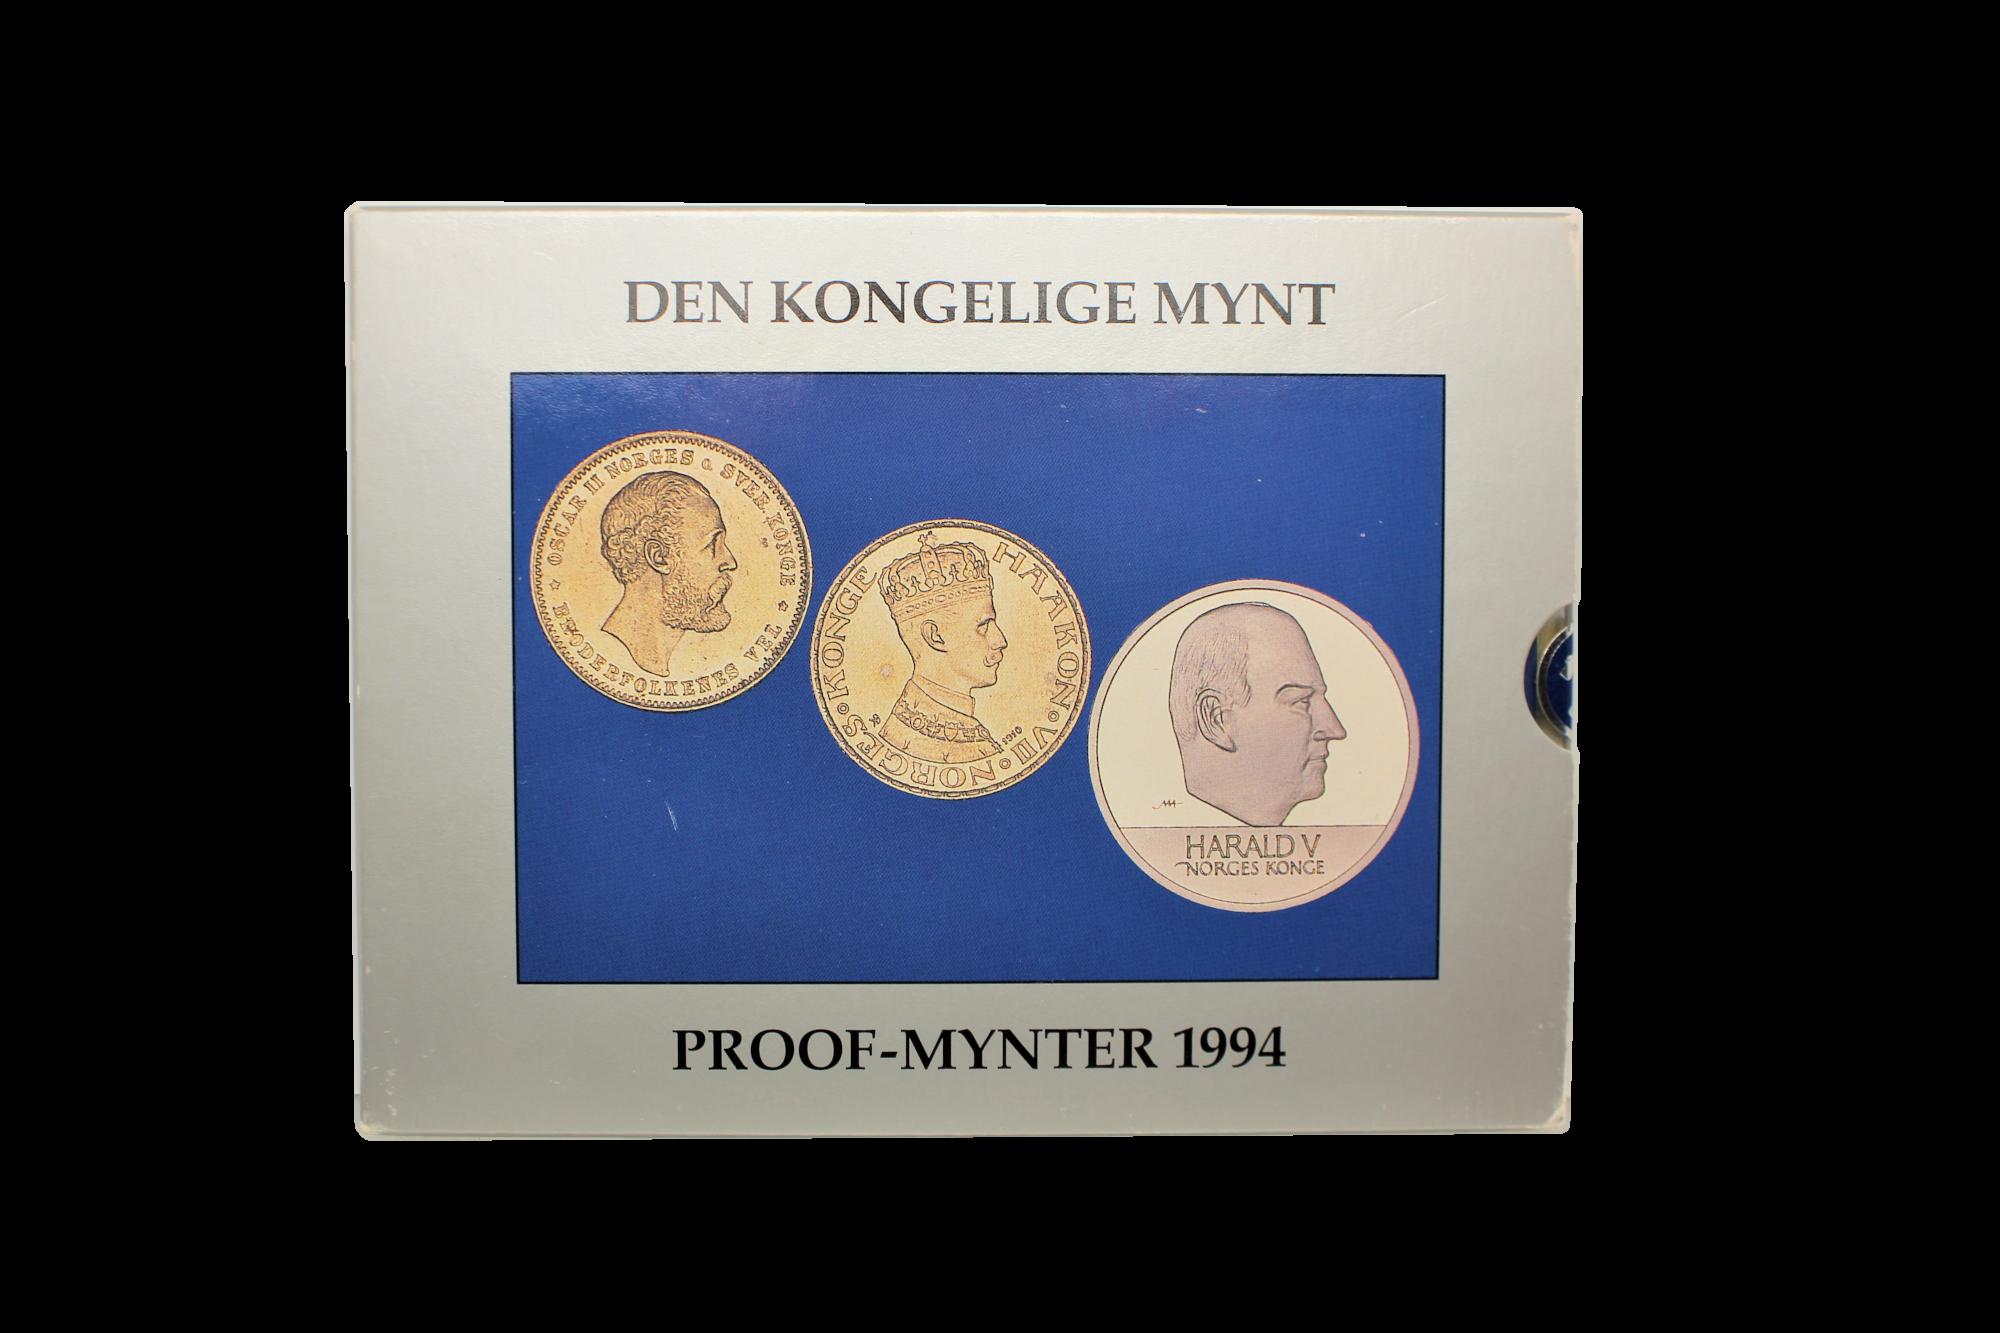 Proofsett 1994 forside innpakning